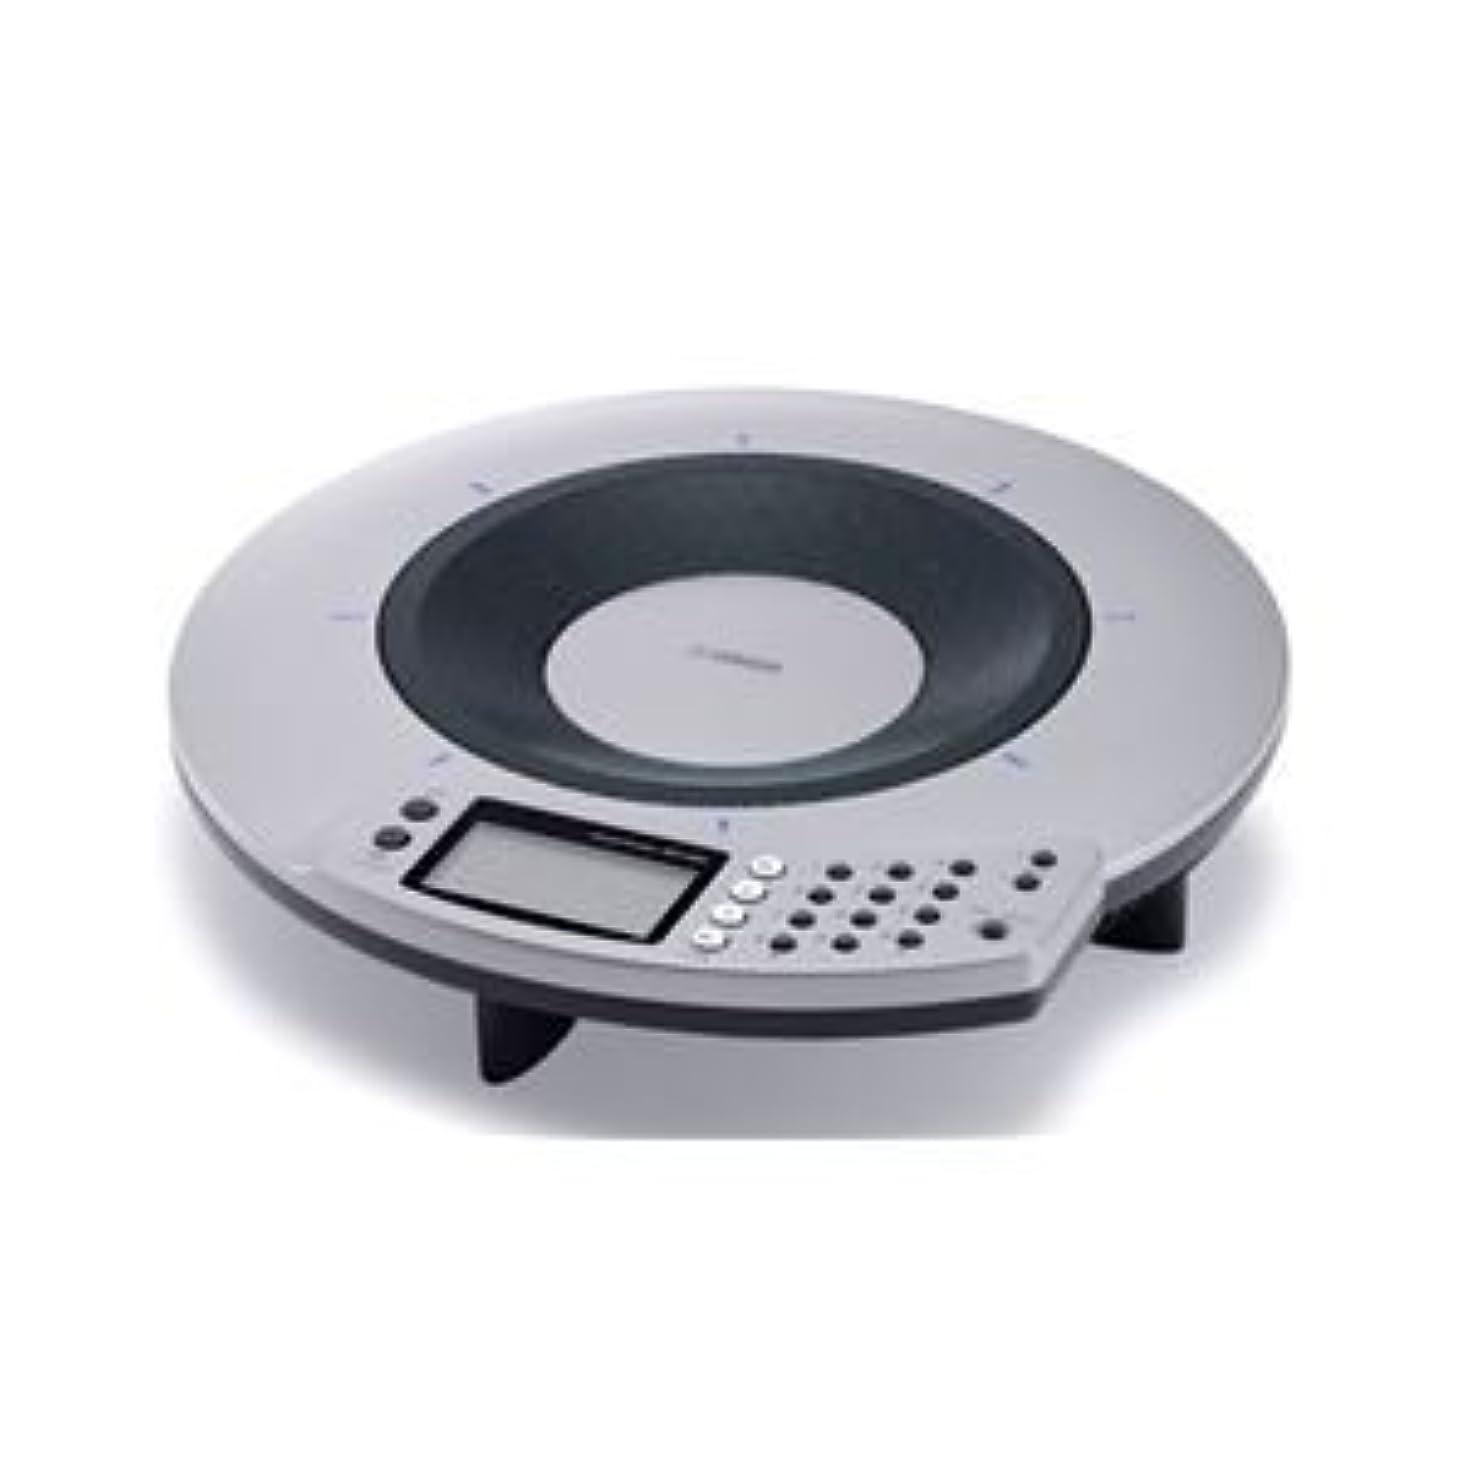 カテナ刃最終ヤマハ IP電話会議システム プロジェクトフォン (シルバー) PJP-50RS ds-841253